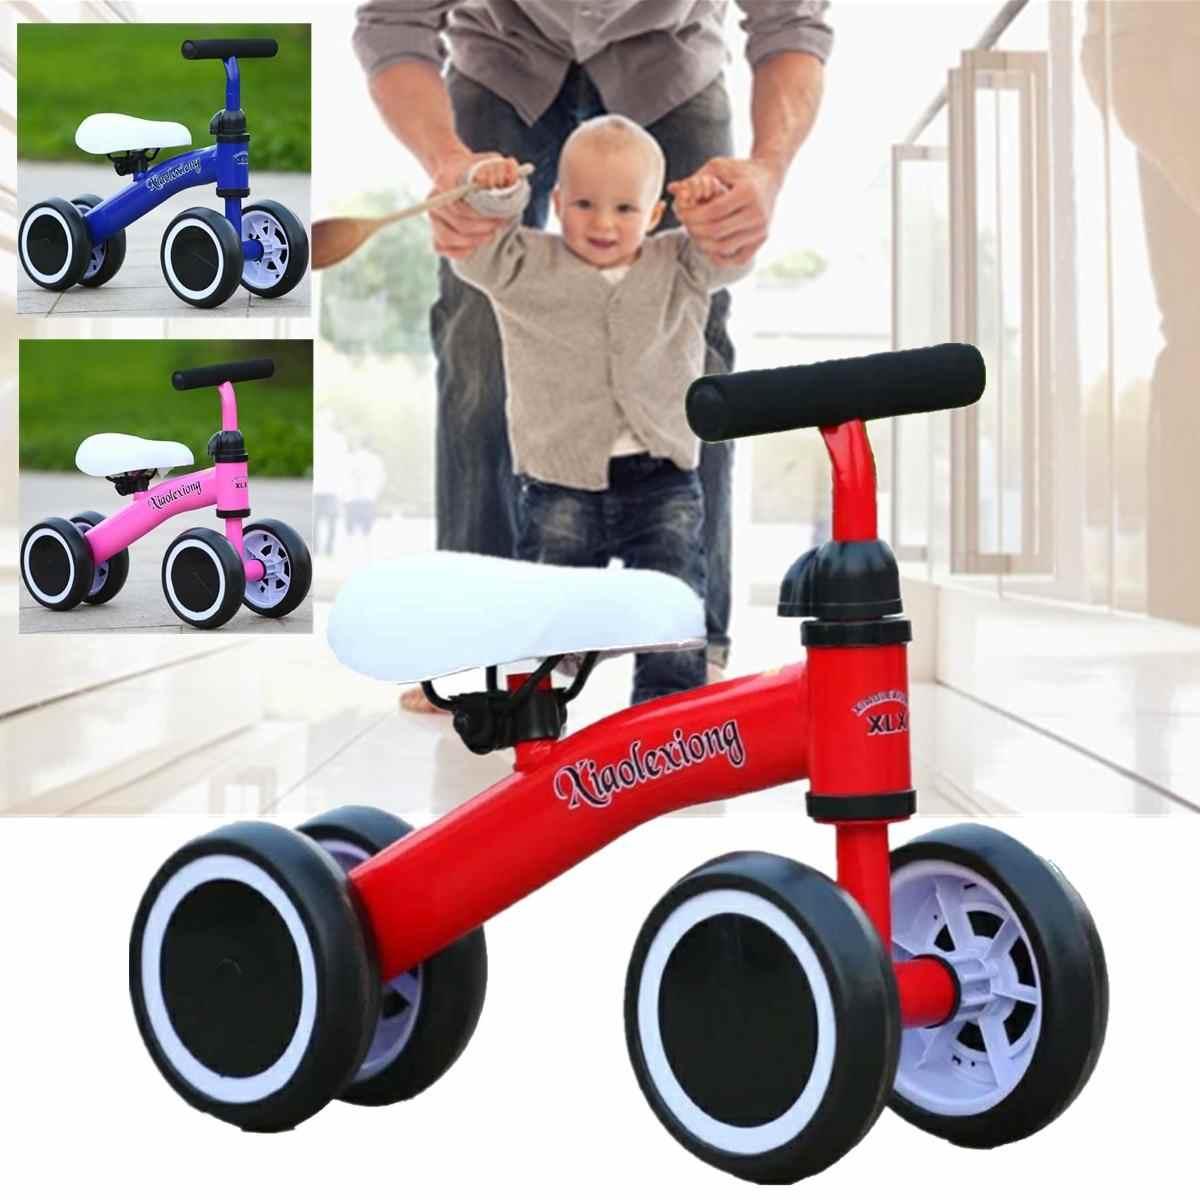 Детский велосипед с доп. балансом Детский трицикл велосипед для детей Малыш 1-3 года учимся ходить получить баланс чувство без ножных педалей ездовые игрушки